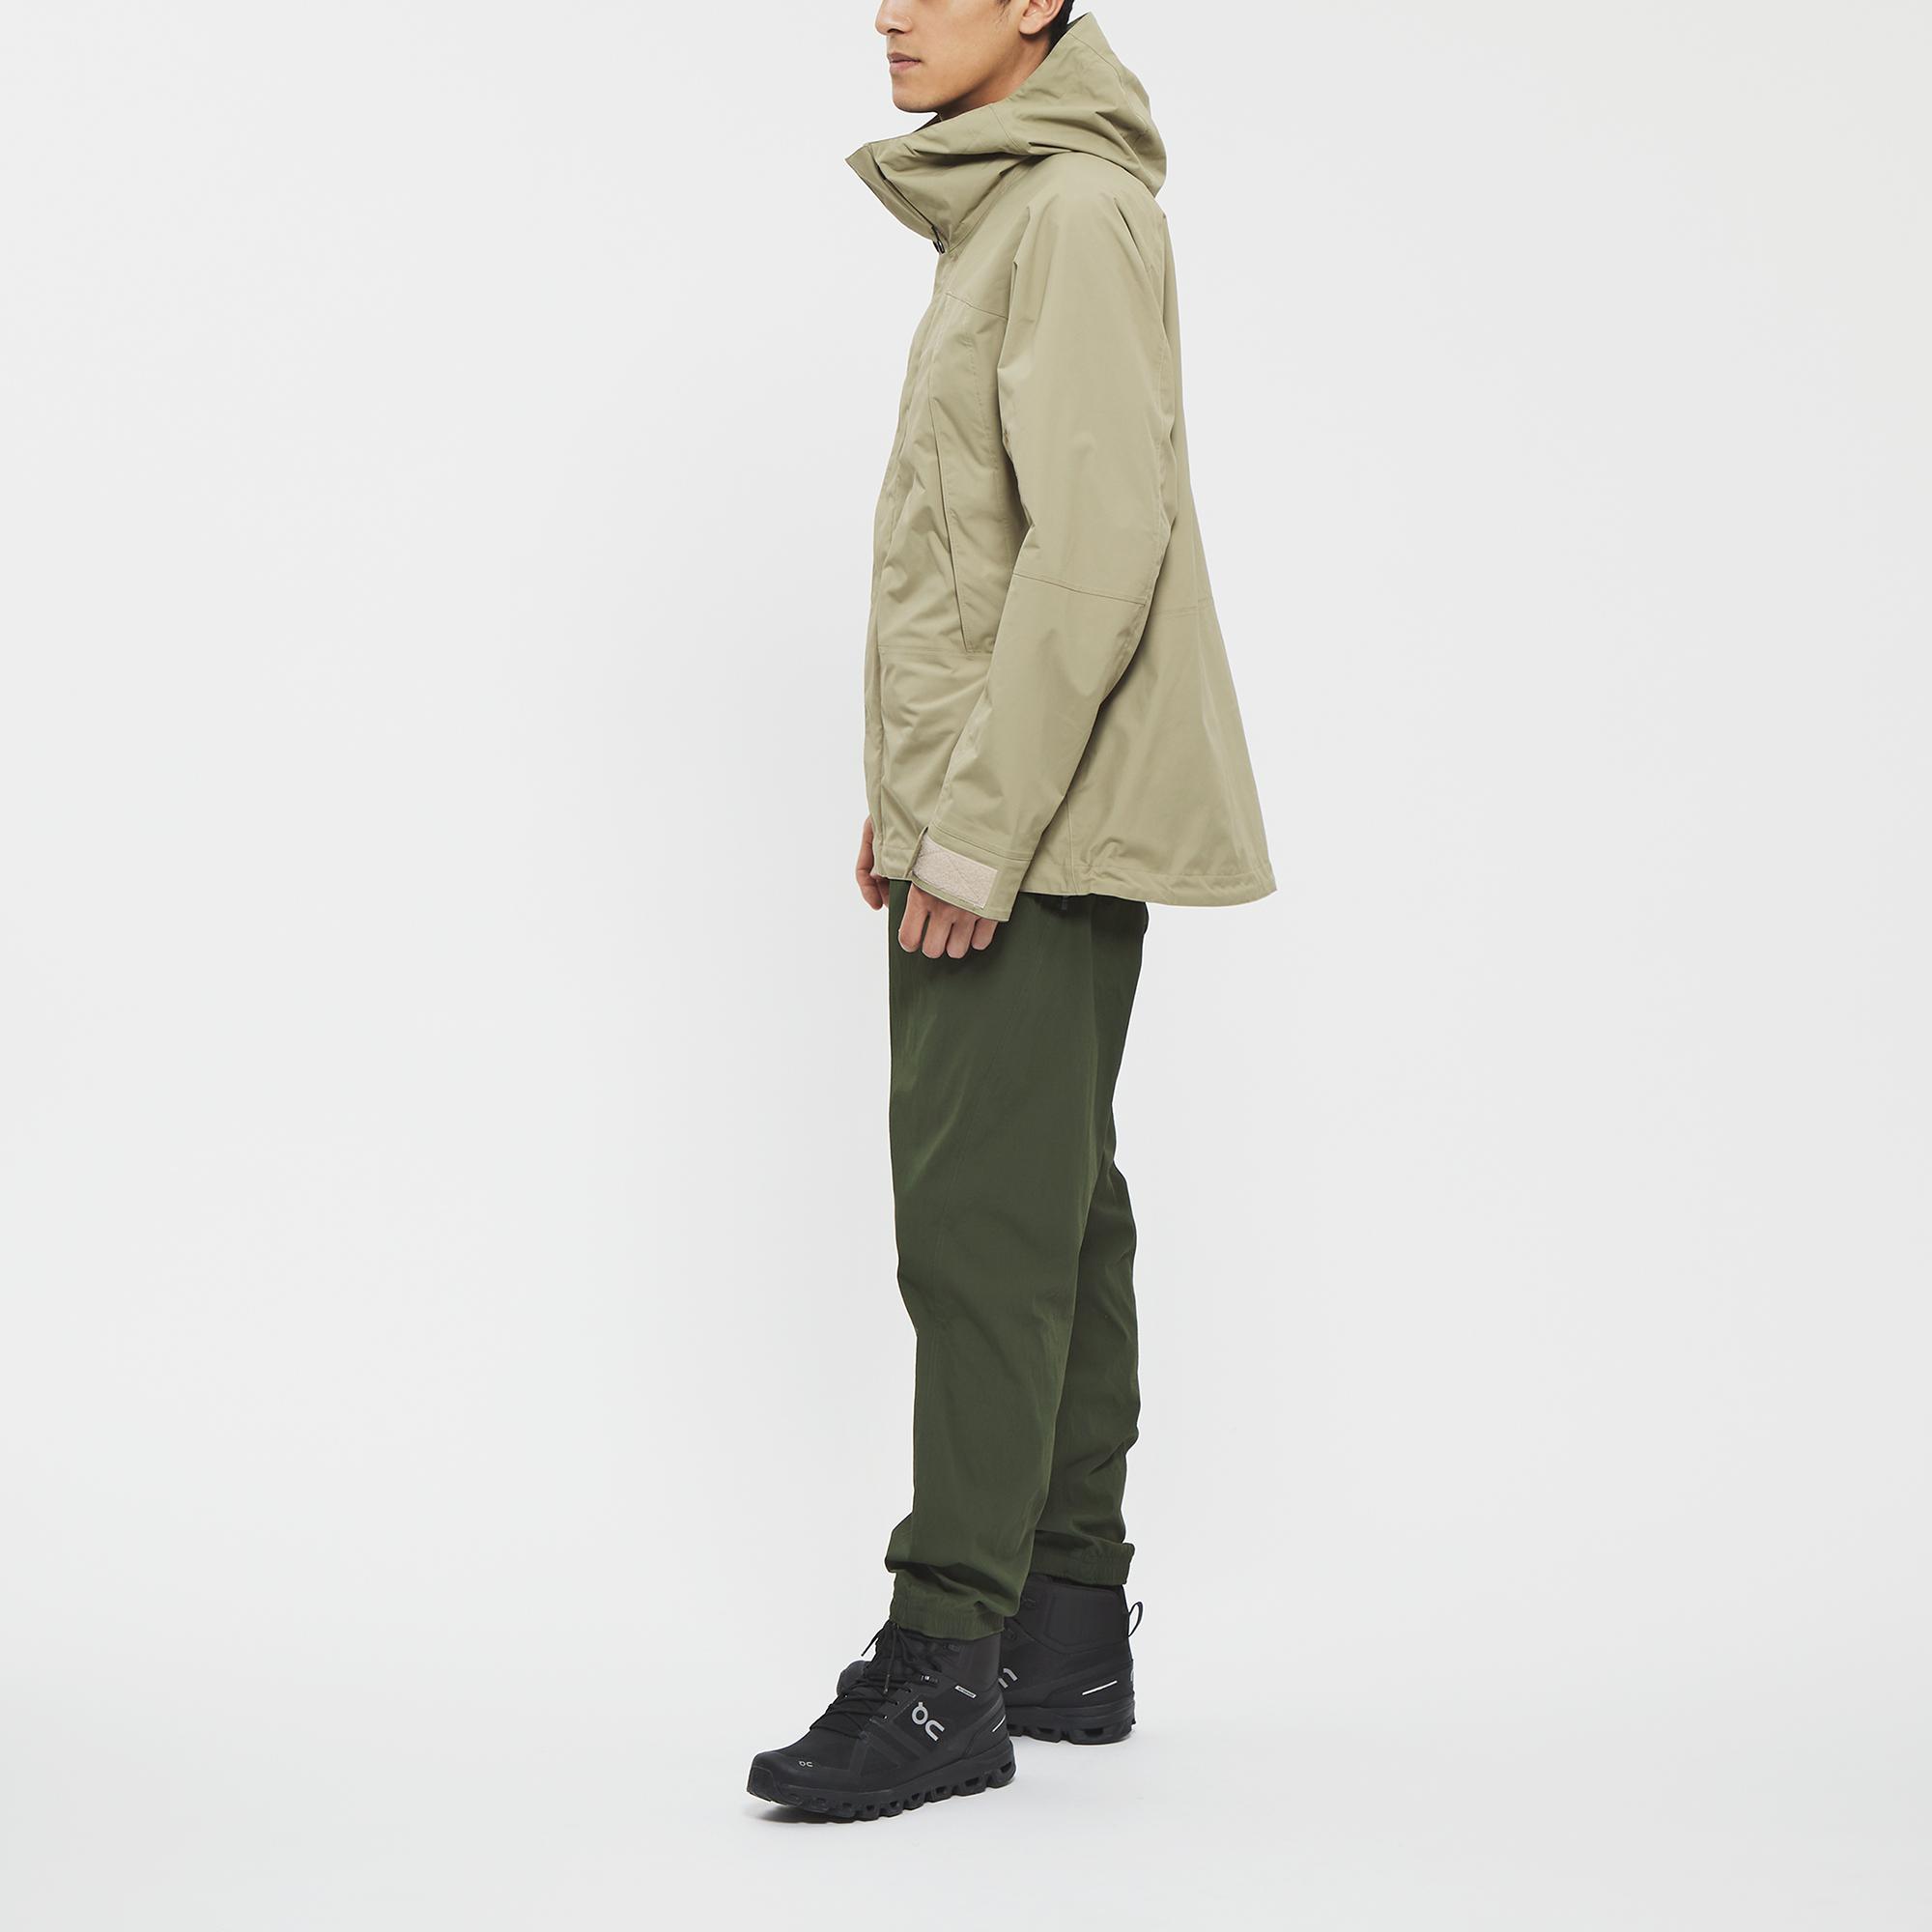 Model: Height 183cm | Wearing: CLAY BEIGE / L